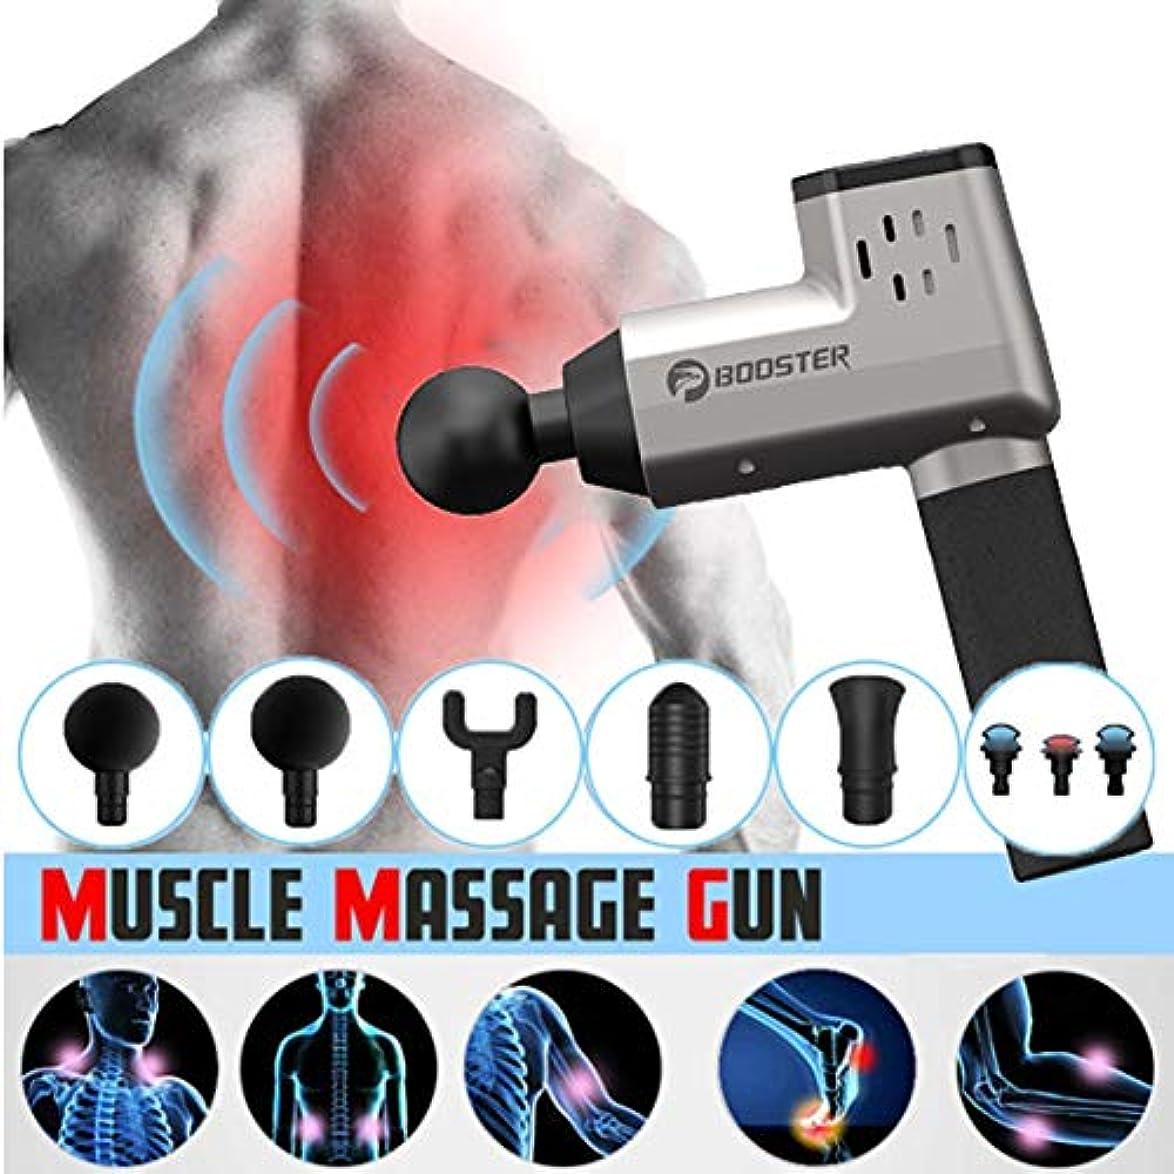 バレエ罪悪感傑出したマッサージガン,マッスルマッサージガン,ハンドヘルドディープマッスルマッサージ,電動マッサージガン,5速調整 振動マッサージ 理学療法 セルフケア?筋膜リリース 強力振動 携帯便利 肩こり 腰こり 筋膜ケア マッサージ マッサージガン 筋肉振動リラックスマシン